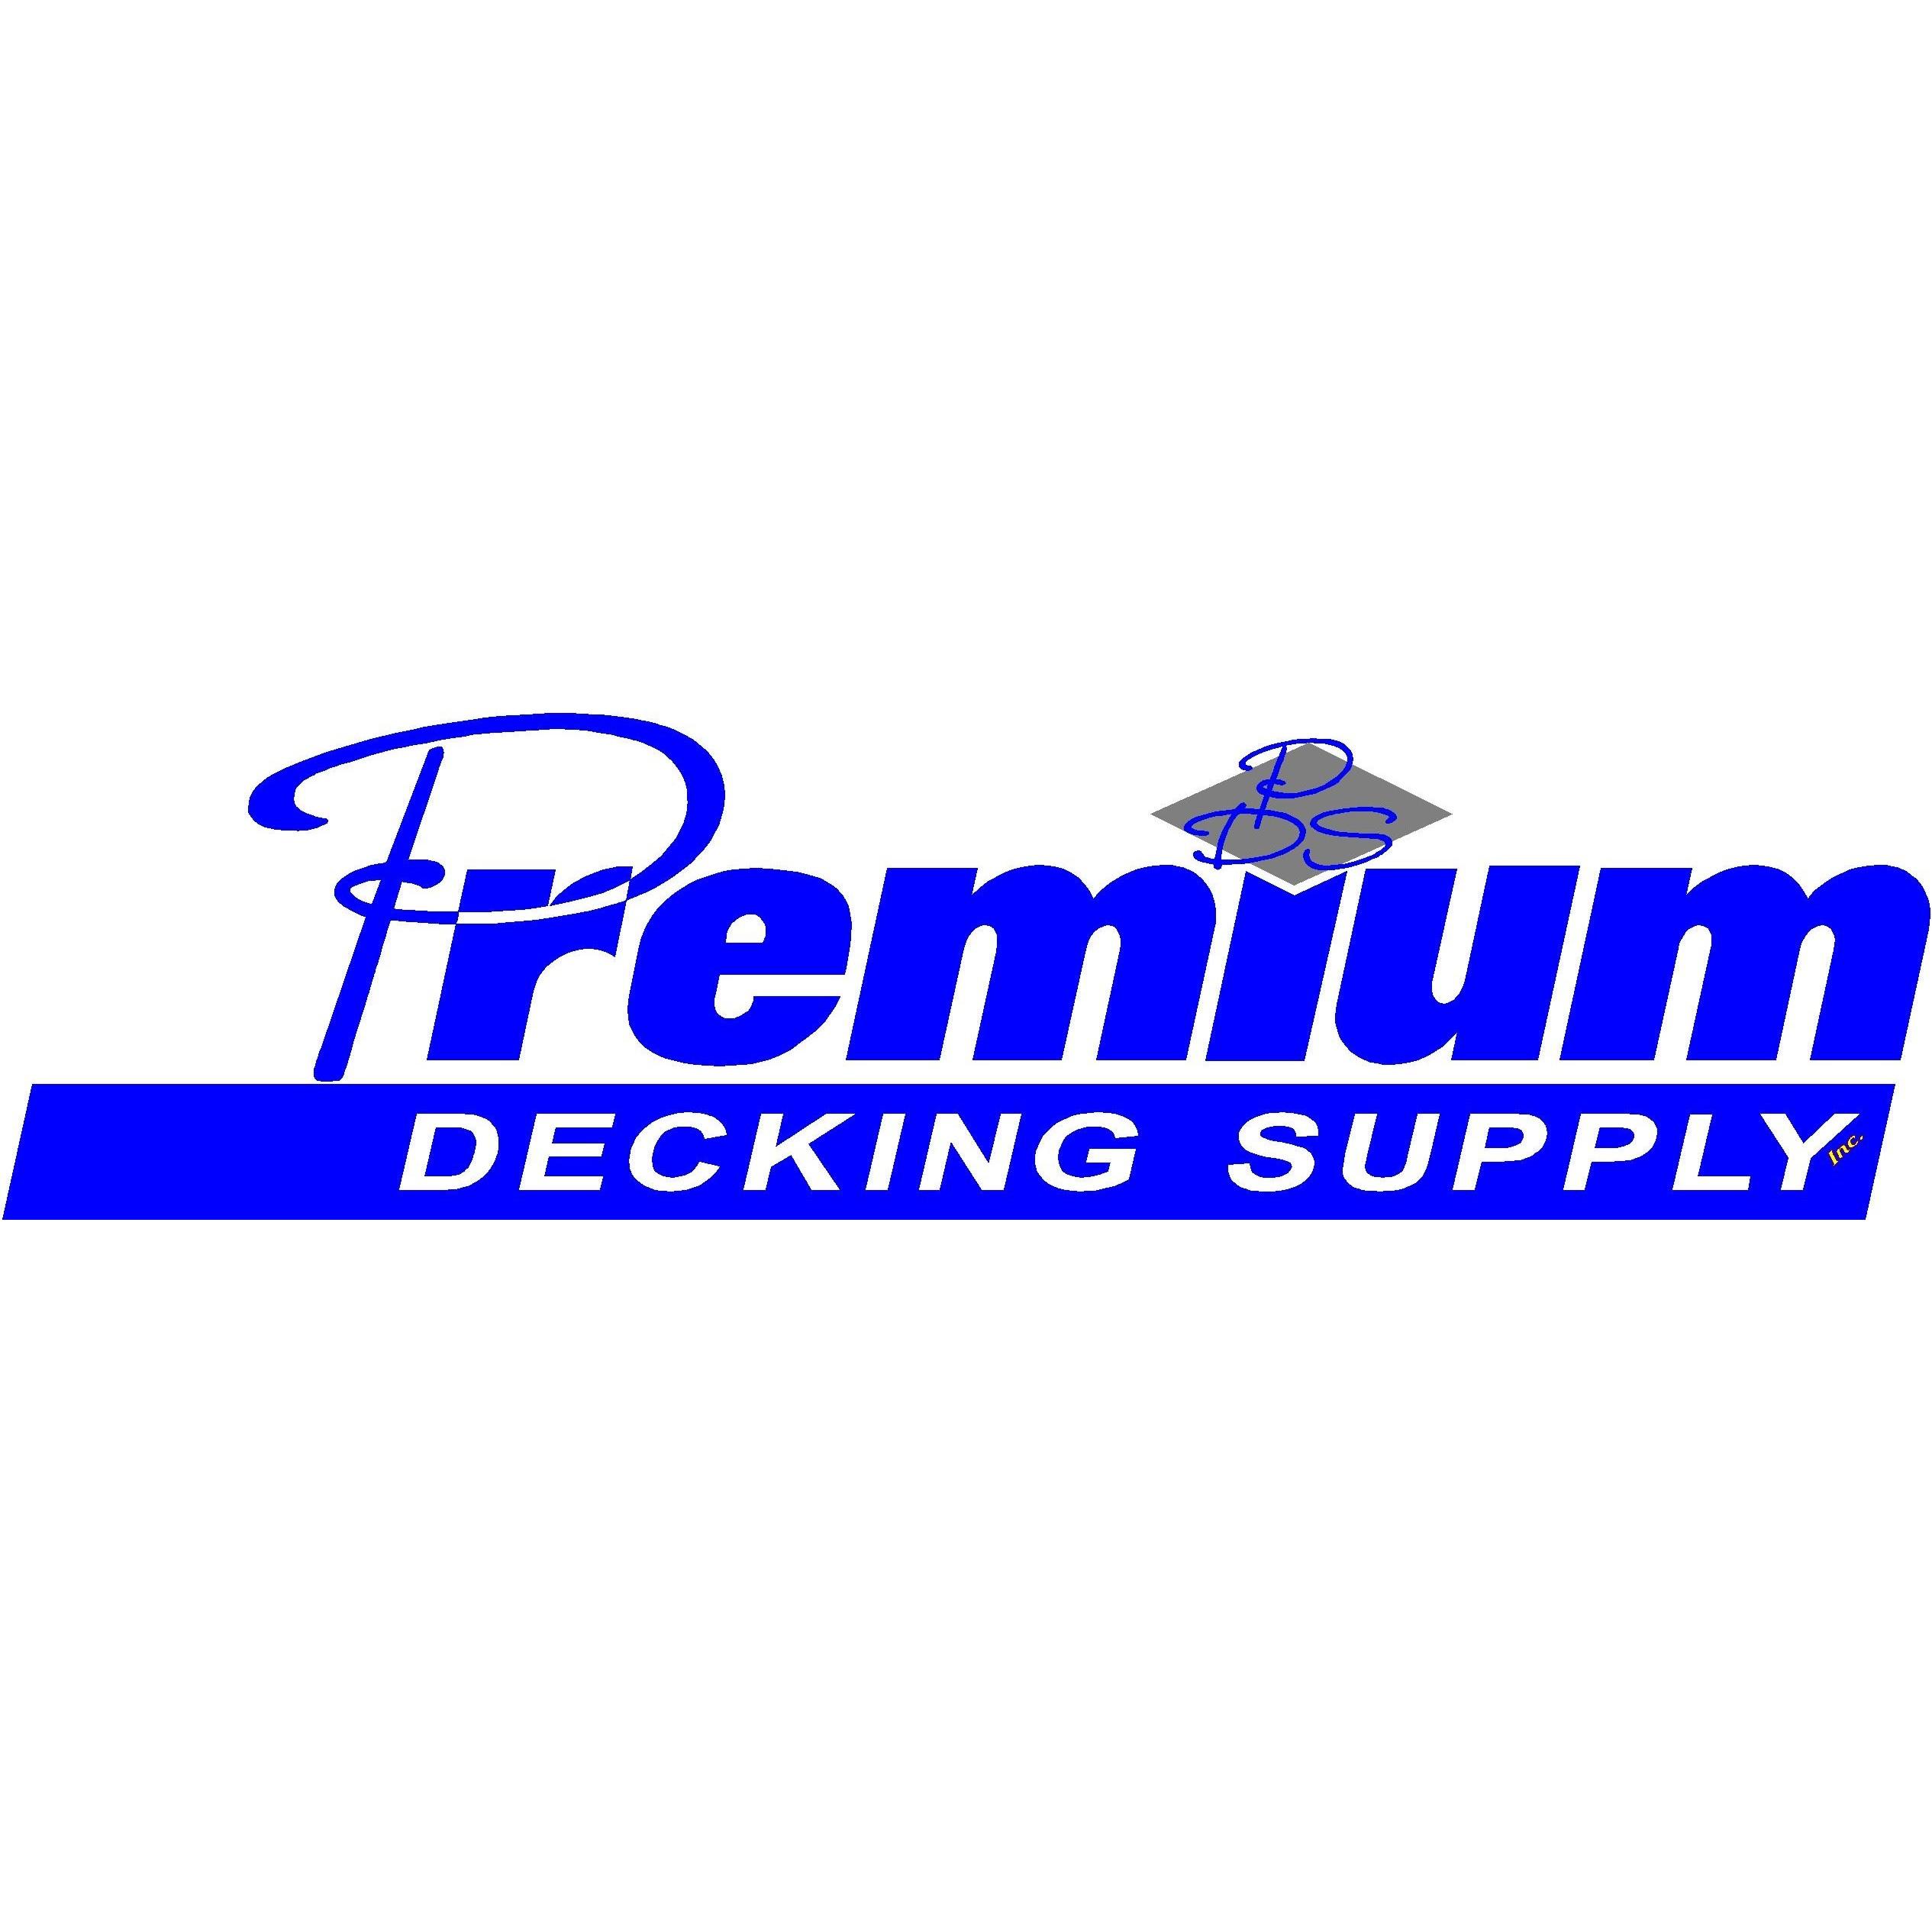 Premium Decking Supply, Inc image 4